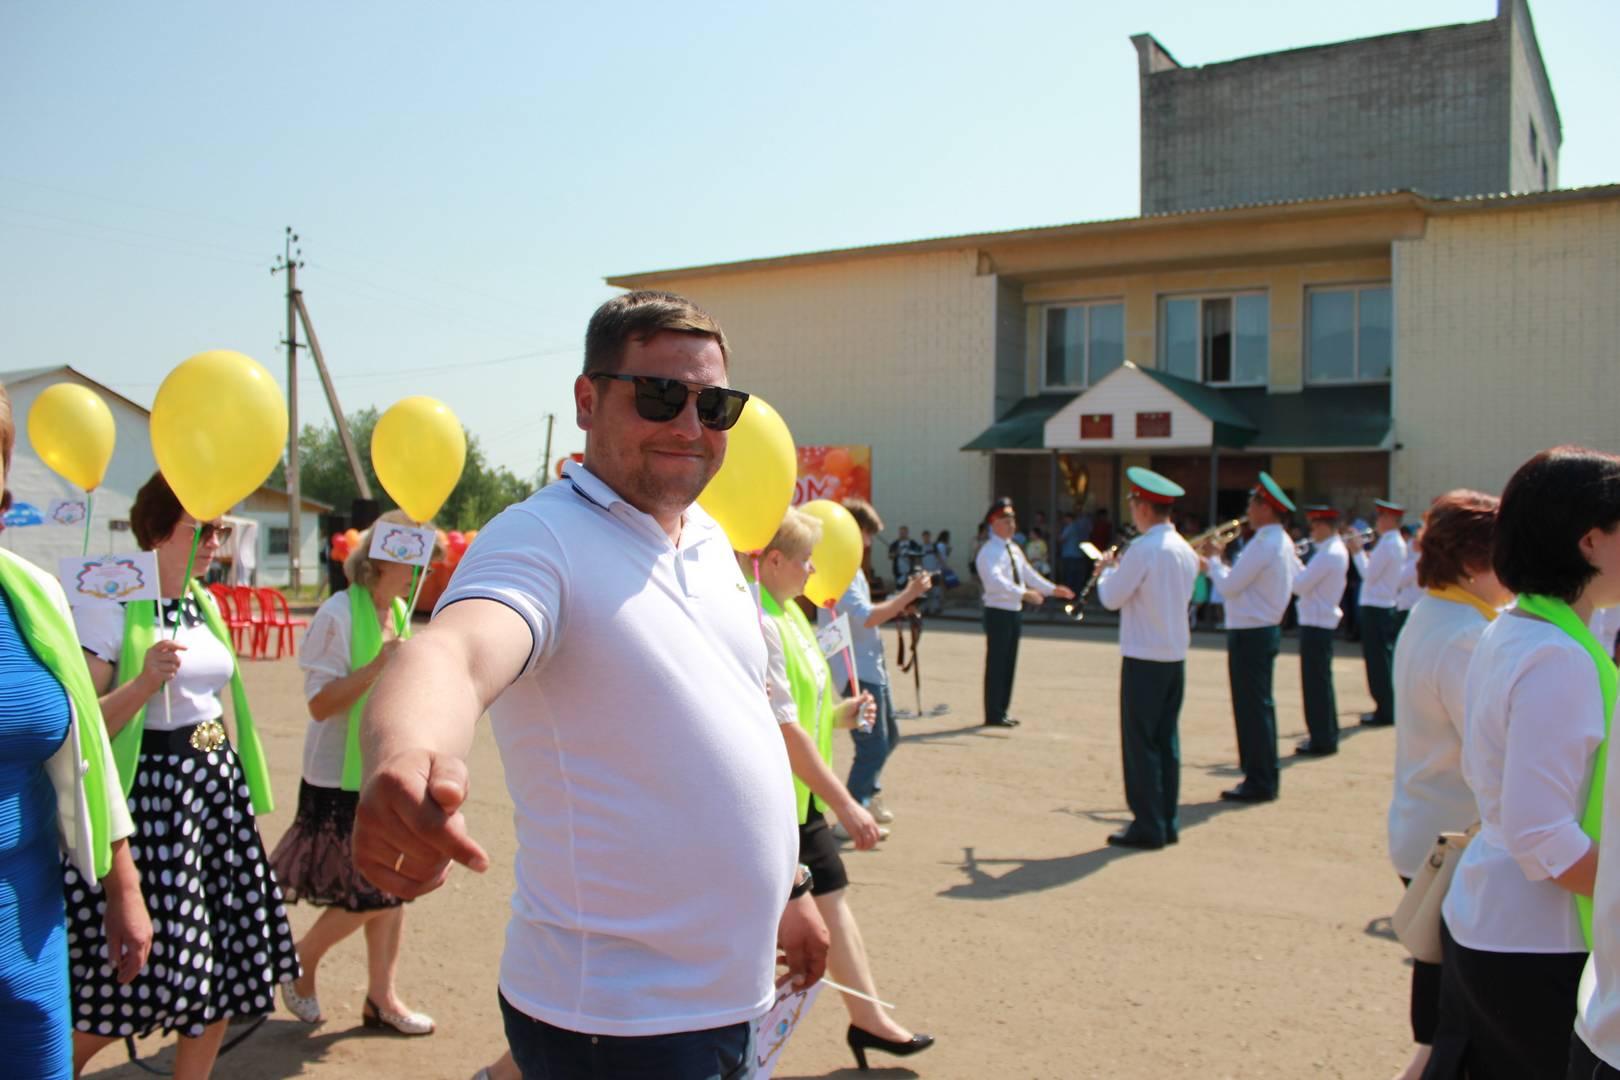 Участник шествия директор Александровской школы